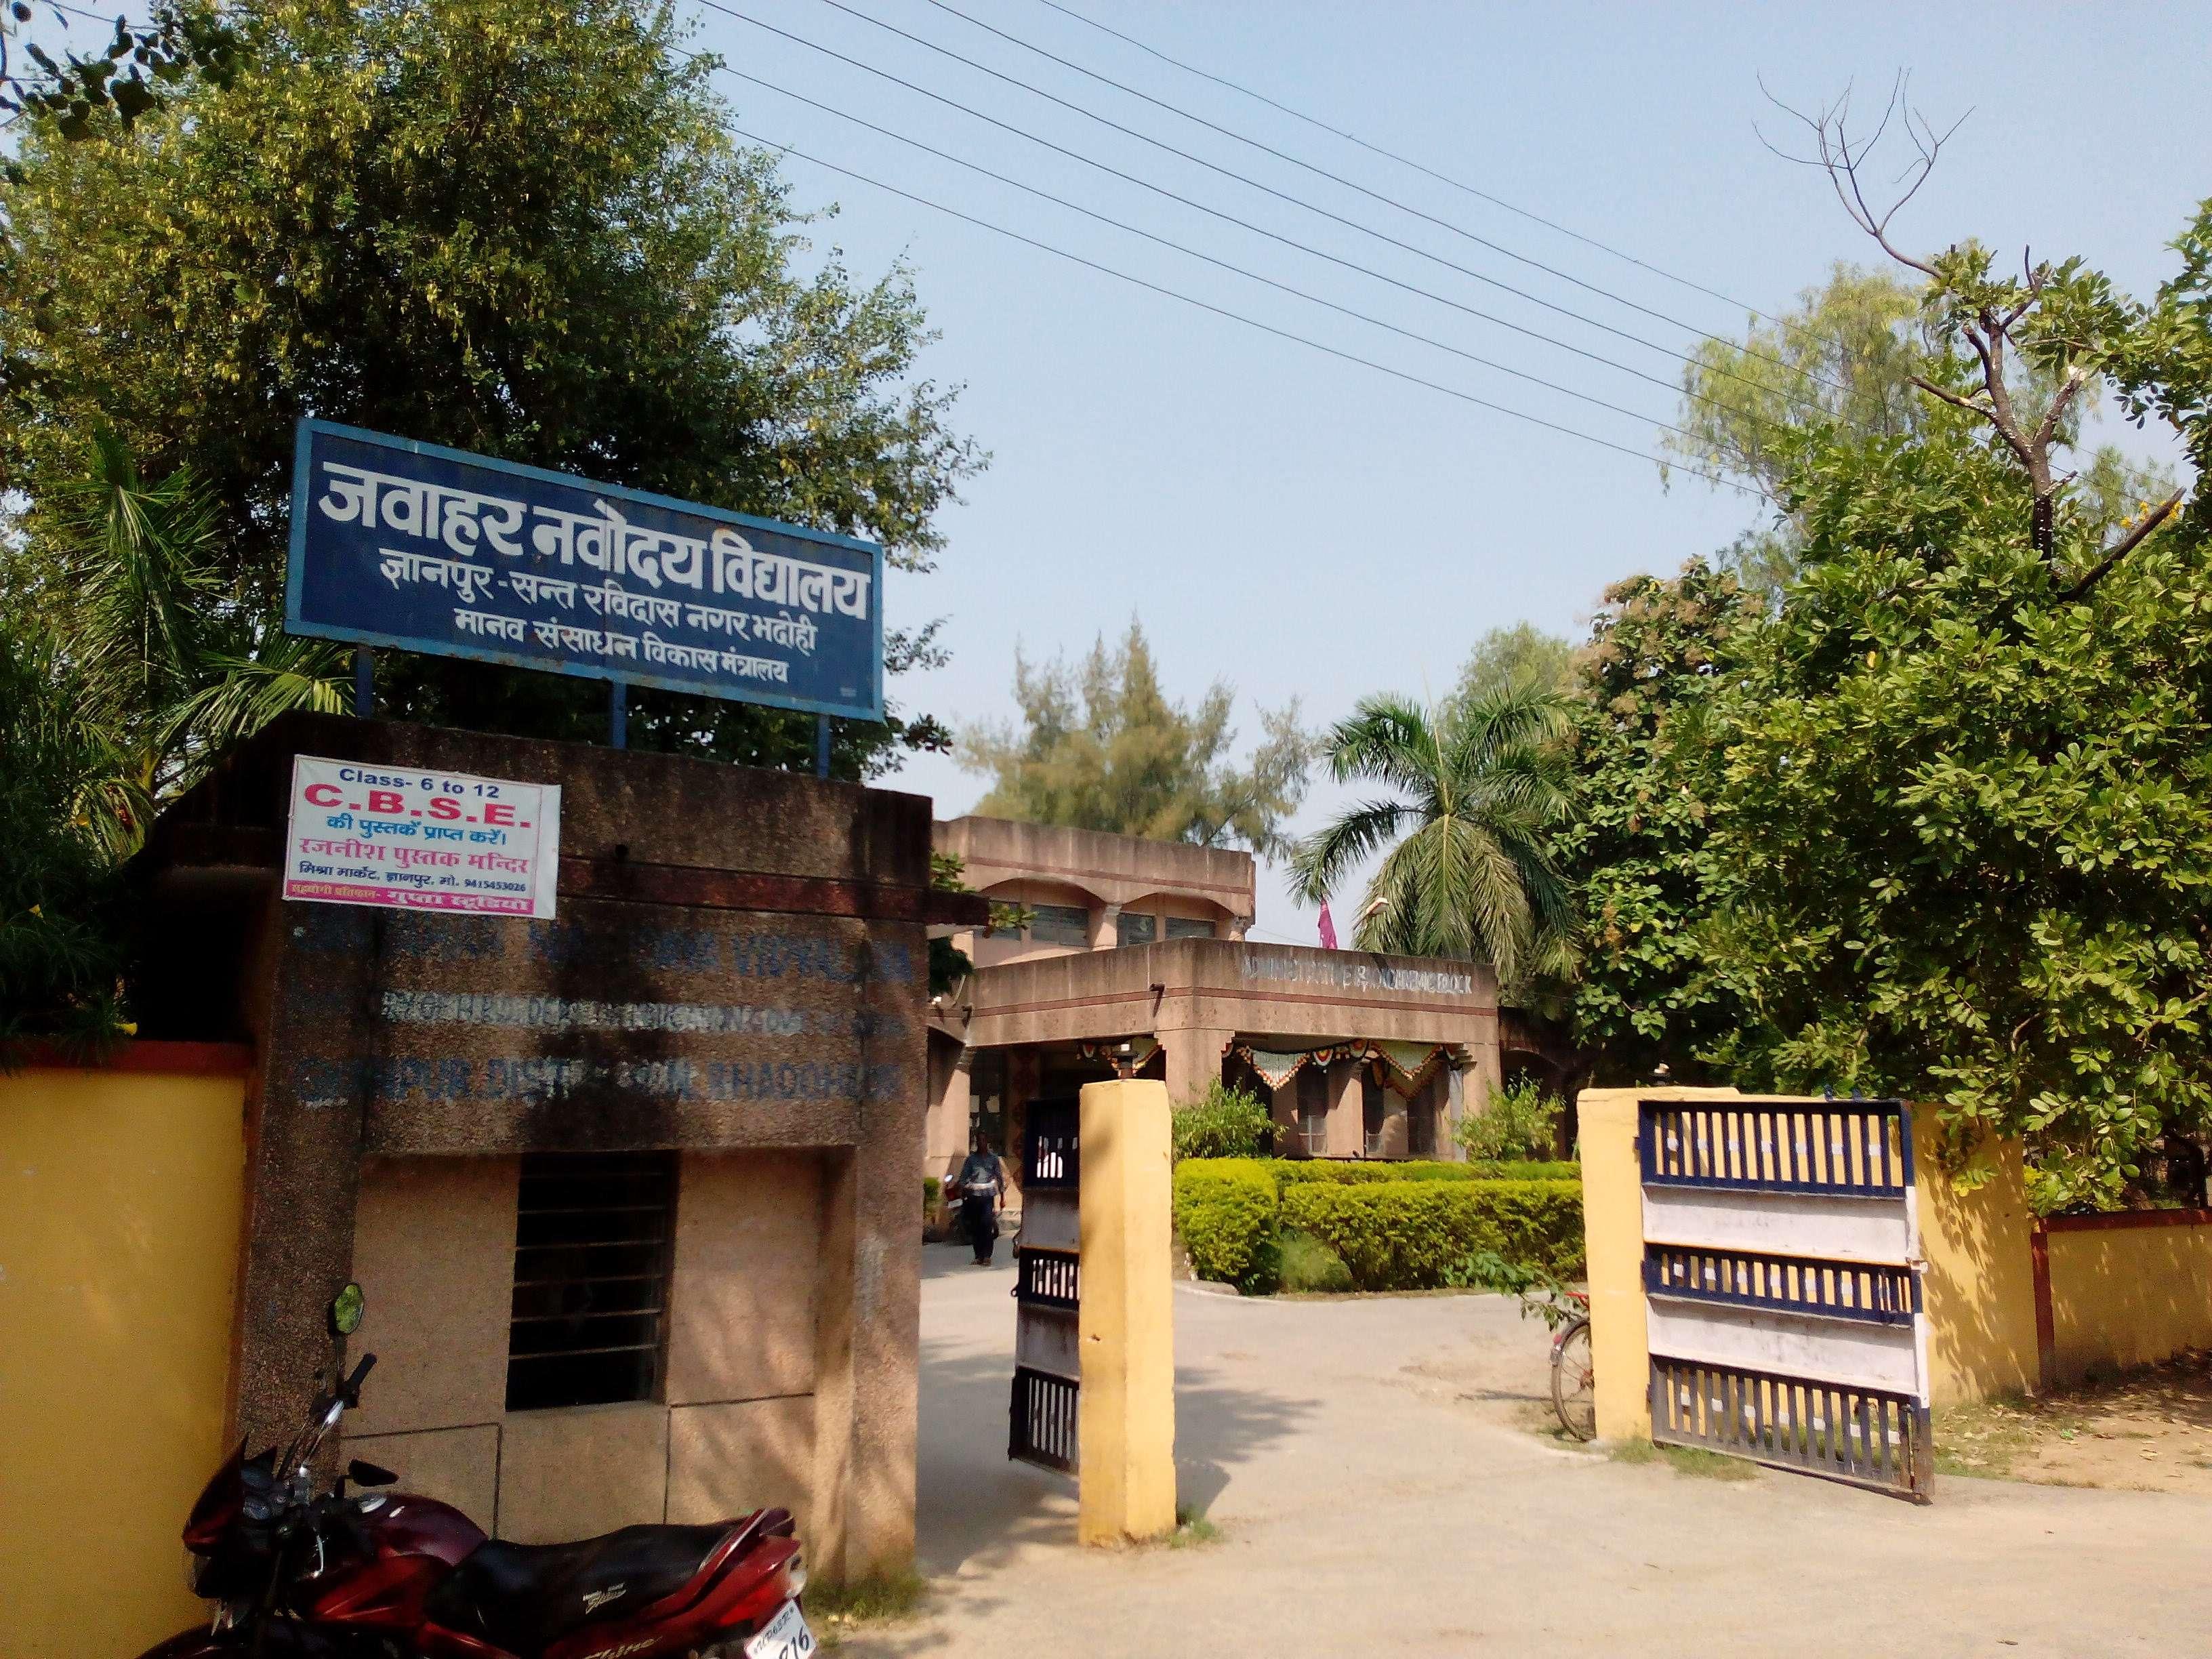 JAWAHAR NAVODAYA VIDYALAYA GYANPUR BHADOHI DISTT BHADOHI SANT RAVIDAS NAGAR UTTAR PRADESH 2140027